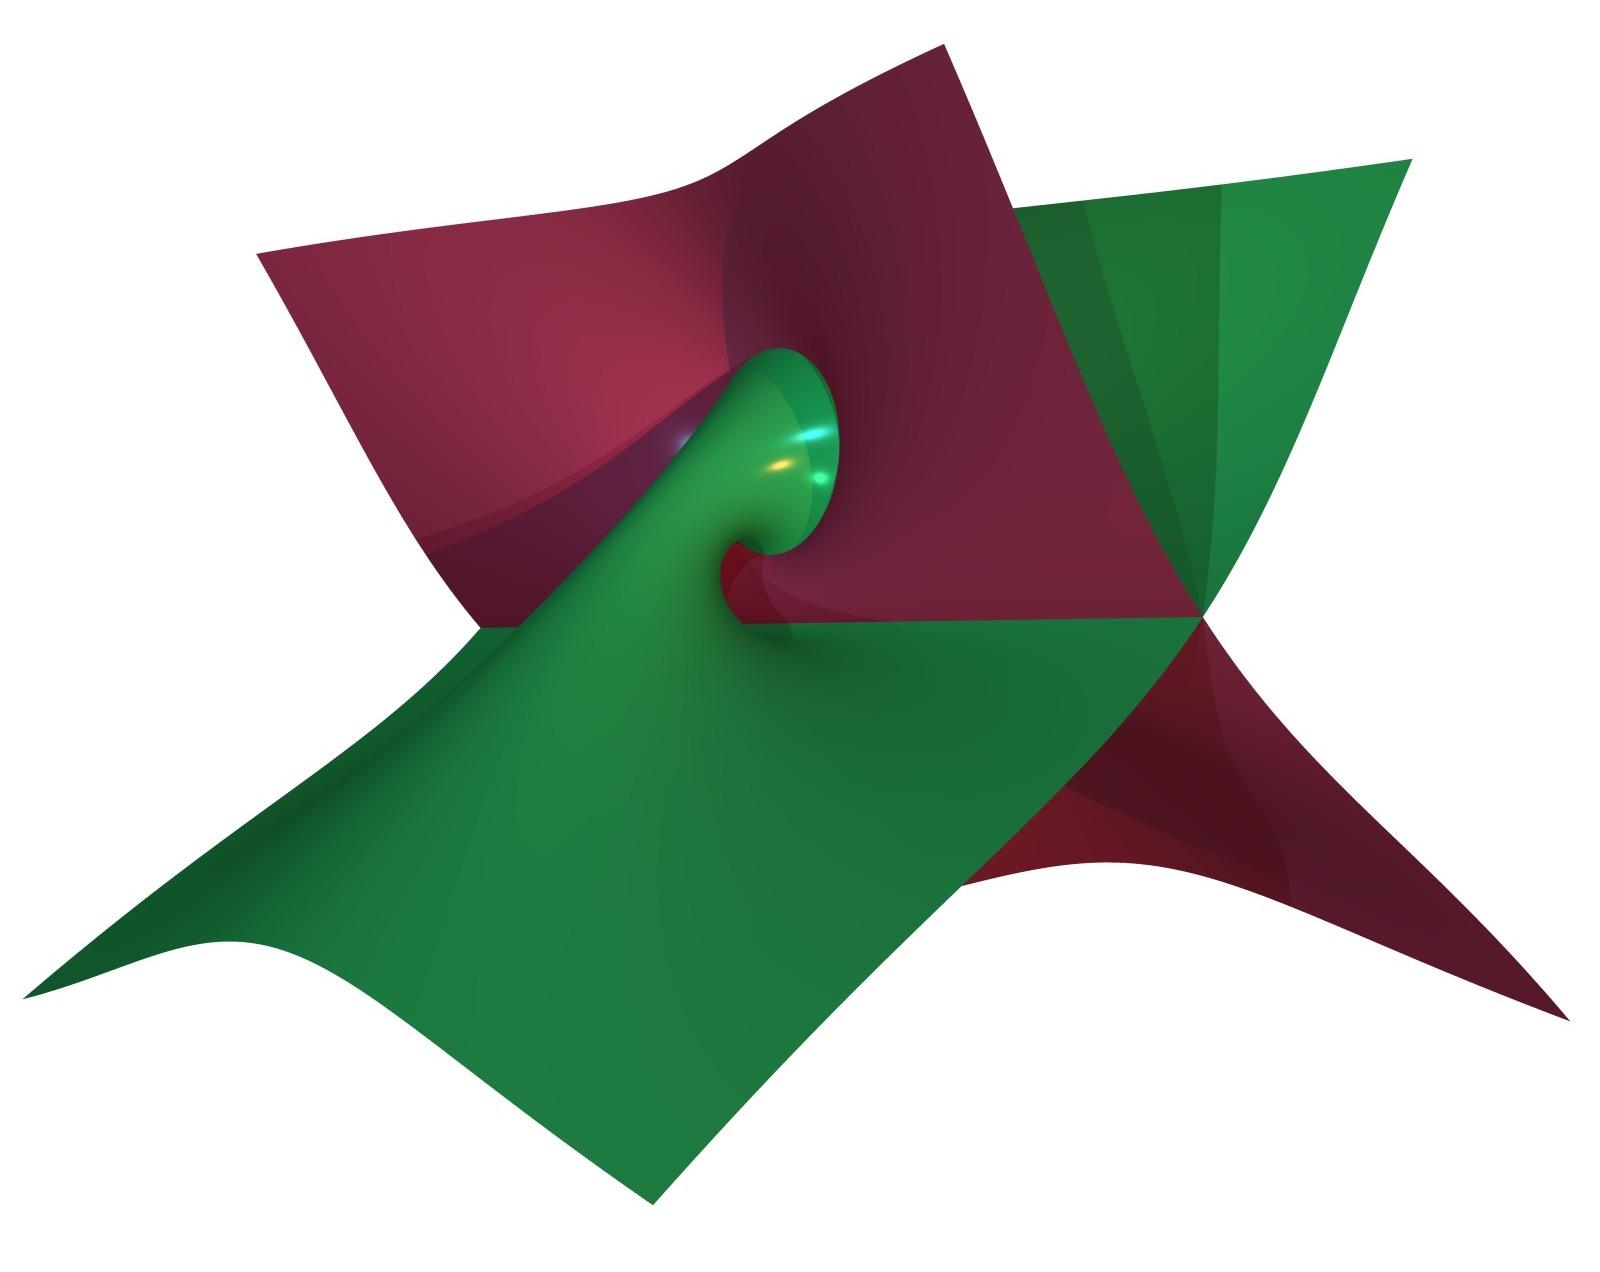 Cubic2c